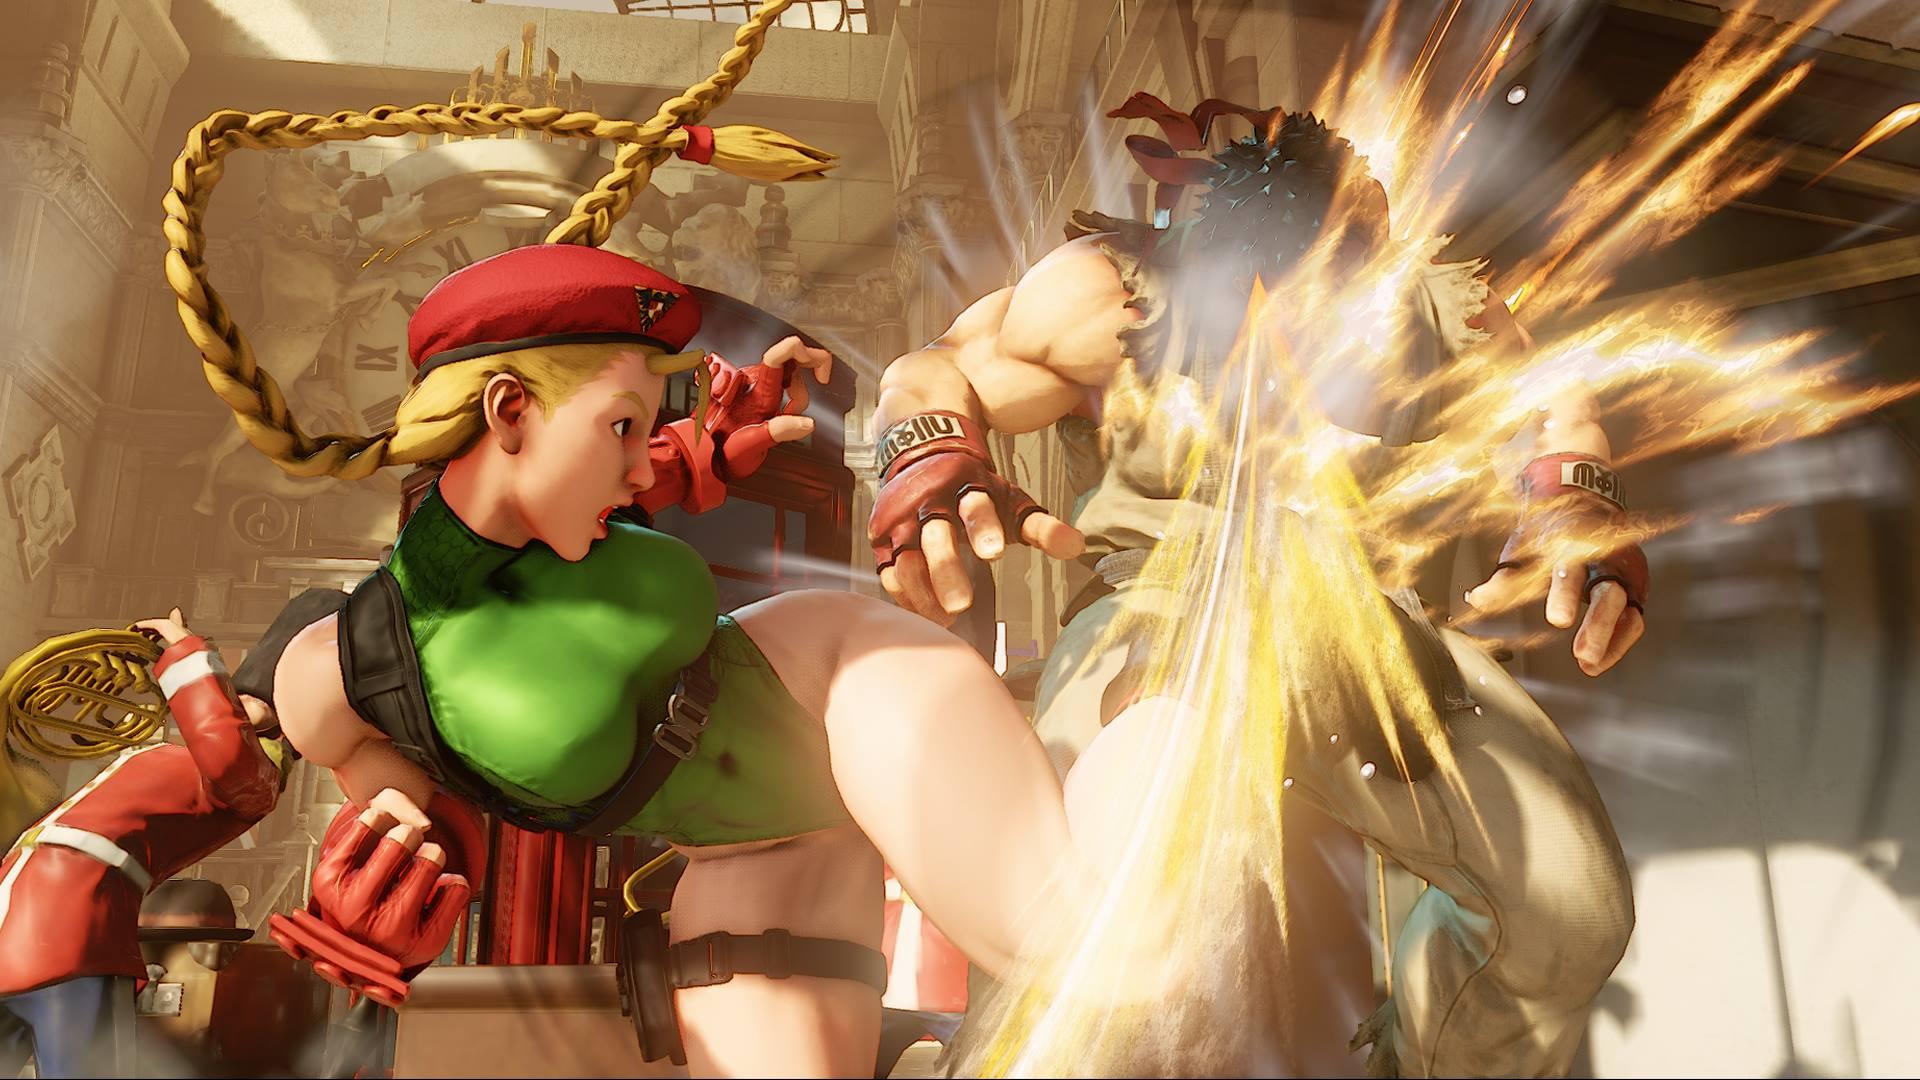 Street Fighter 5 E3 Trailer Reveals Cammy & Birdie, Plus ...